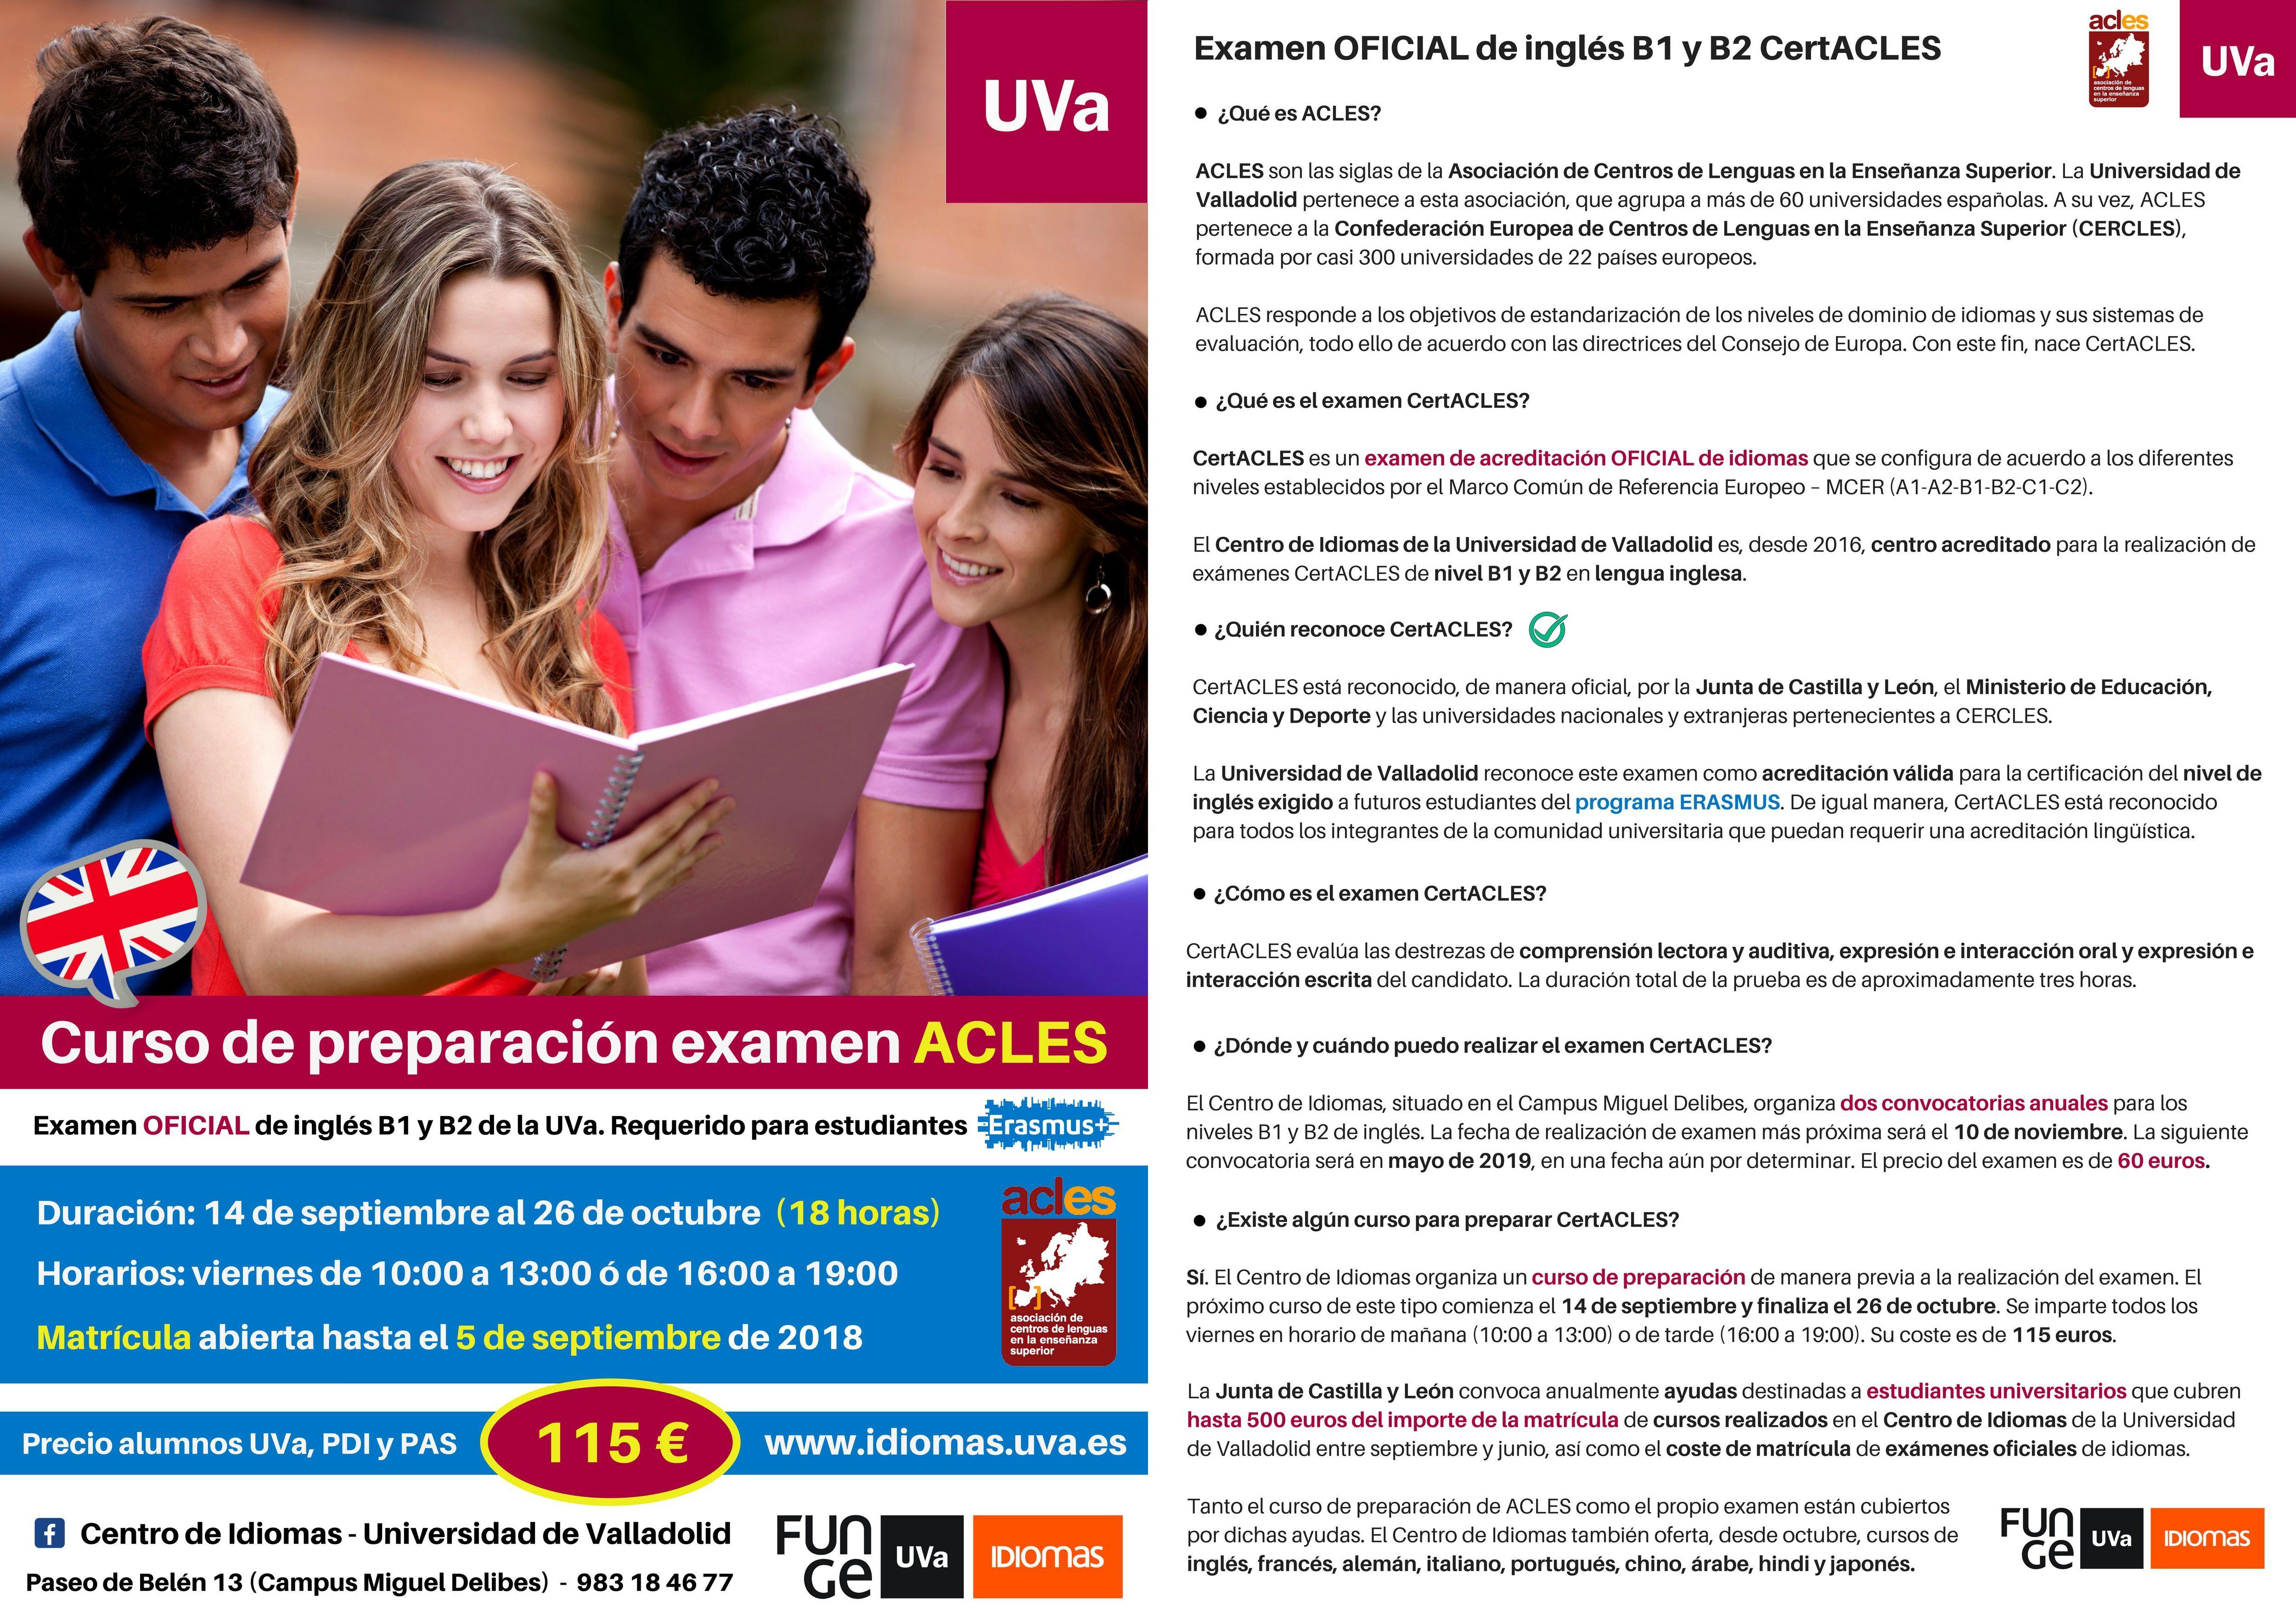 Preparación CertACLES 2018 e información ACLES - Universidad de Valladolid